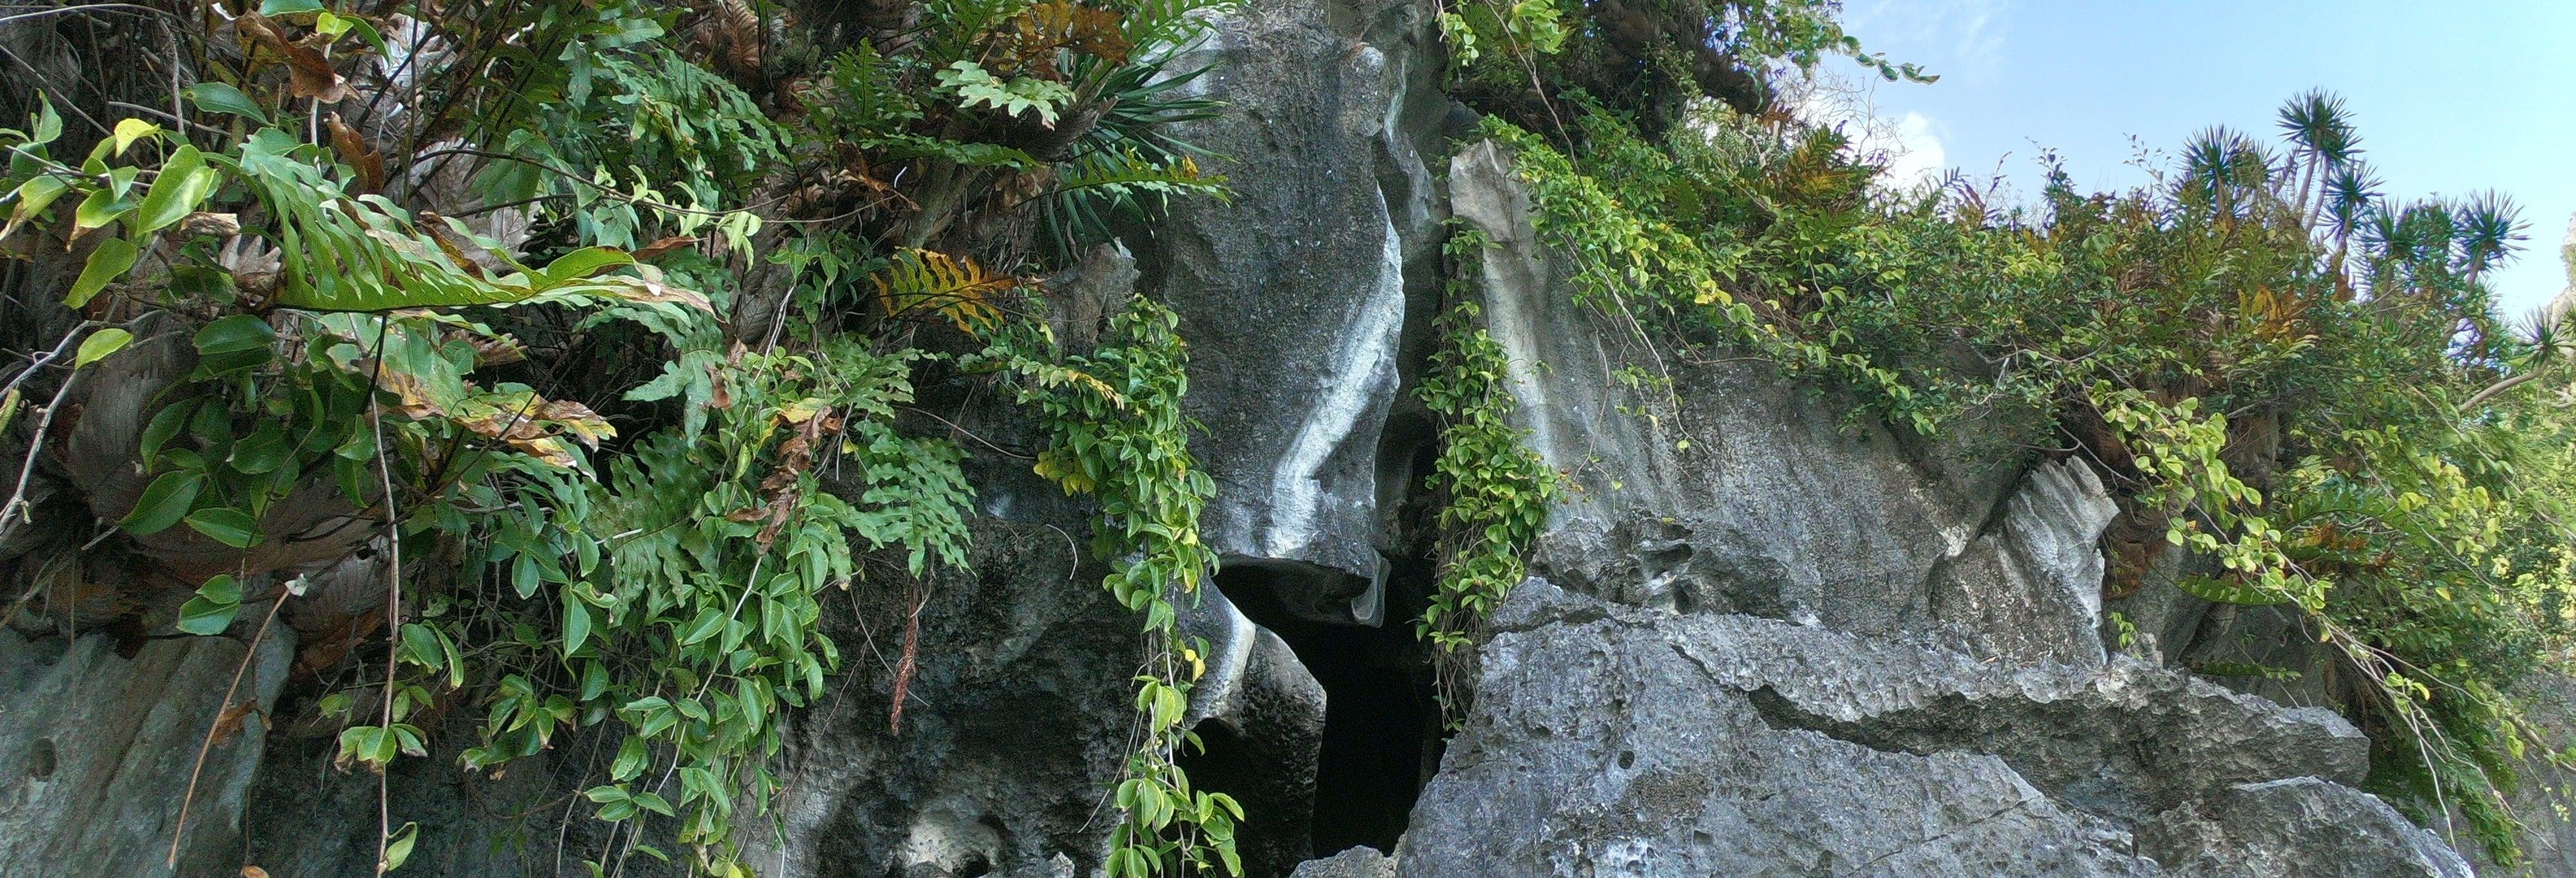 Tour de barco pelas grutas de El Nido